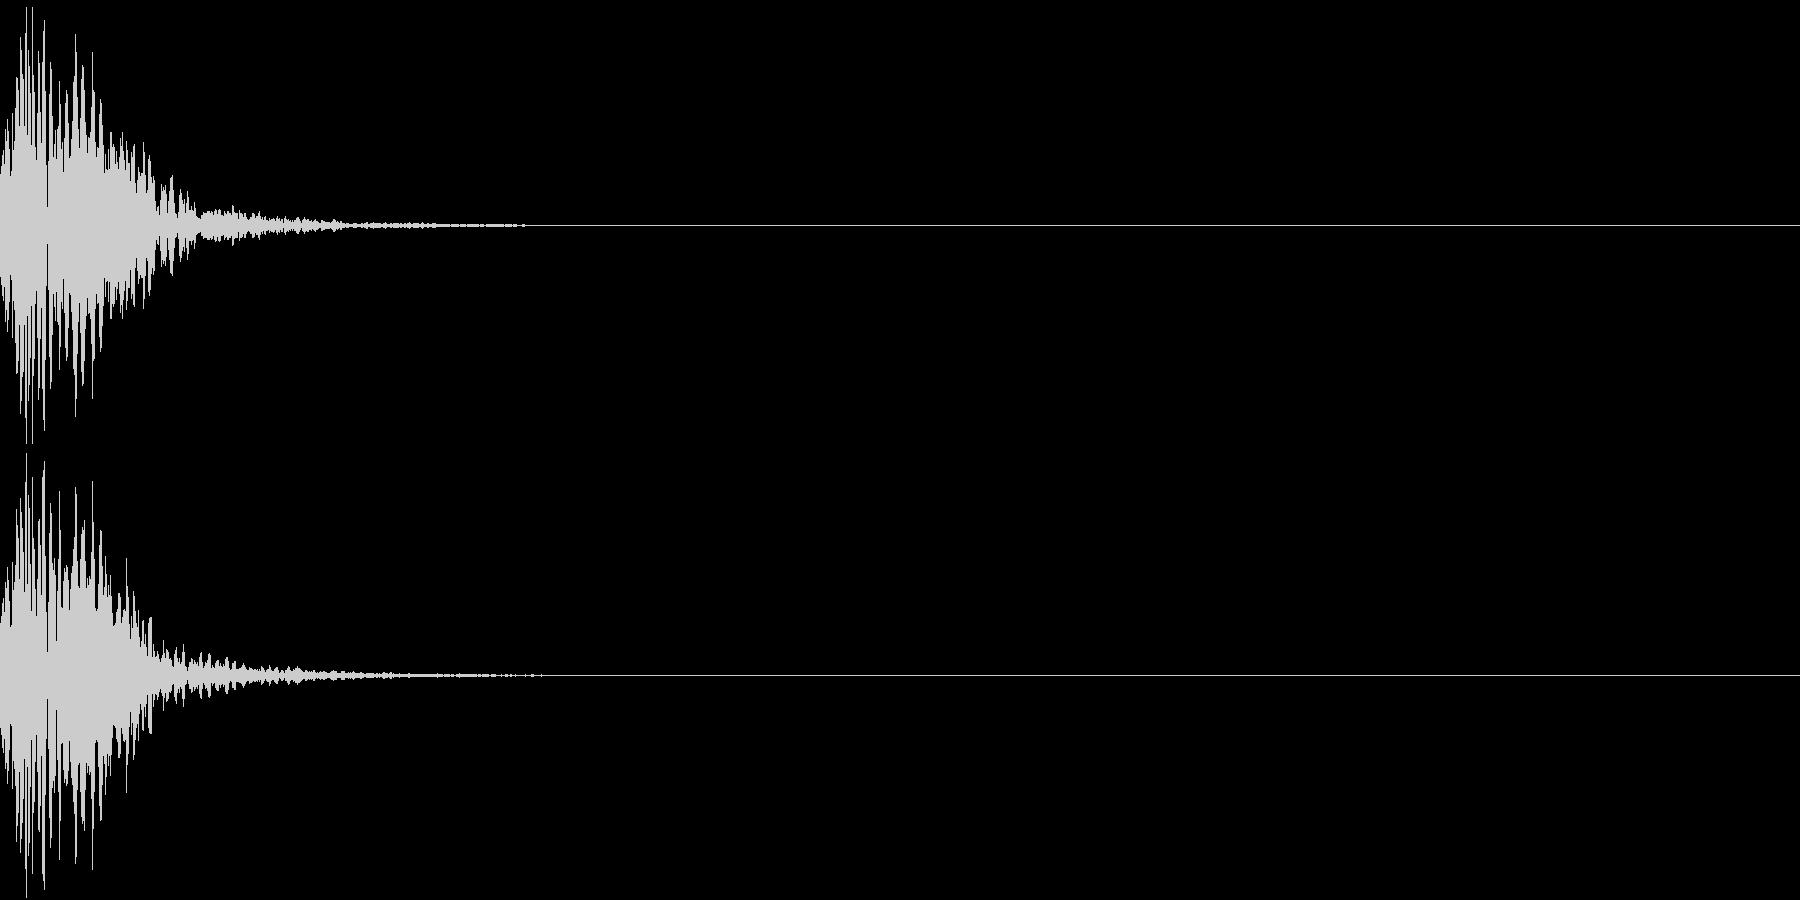 KAKUGE 格闘ゲーム戦闘音 37の未再生の波形